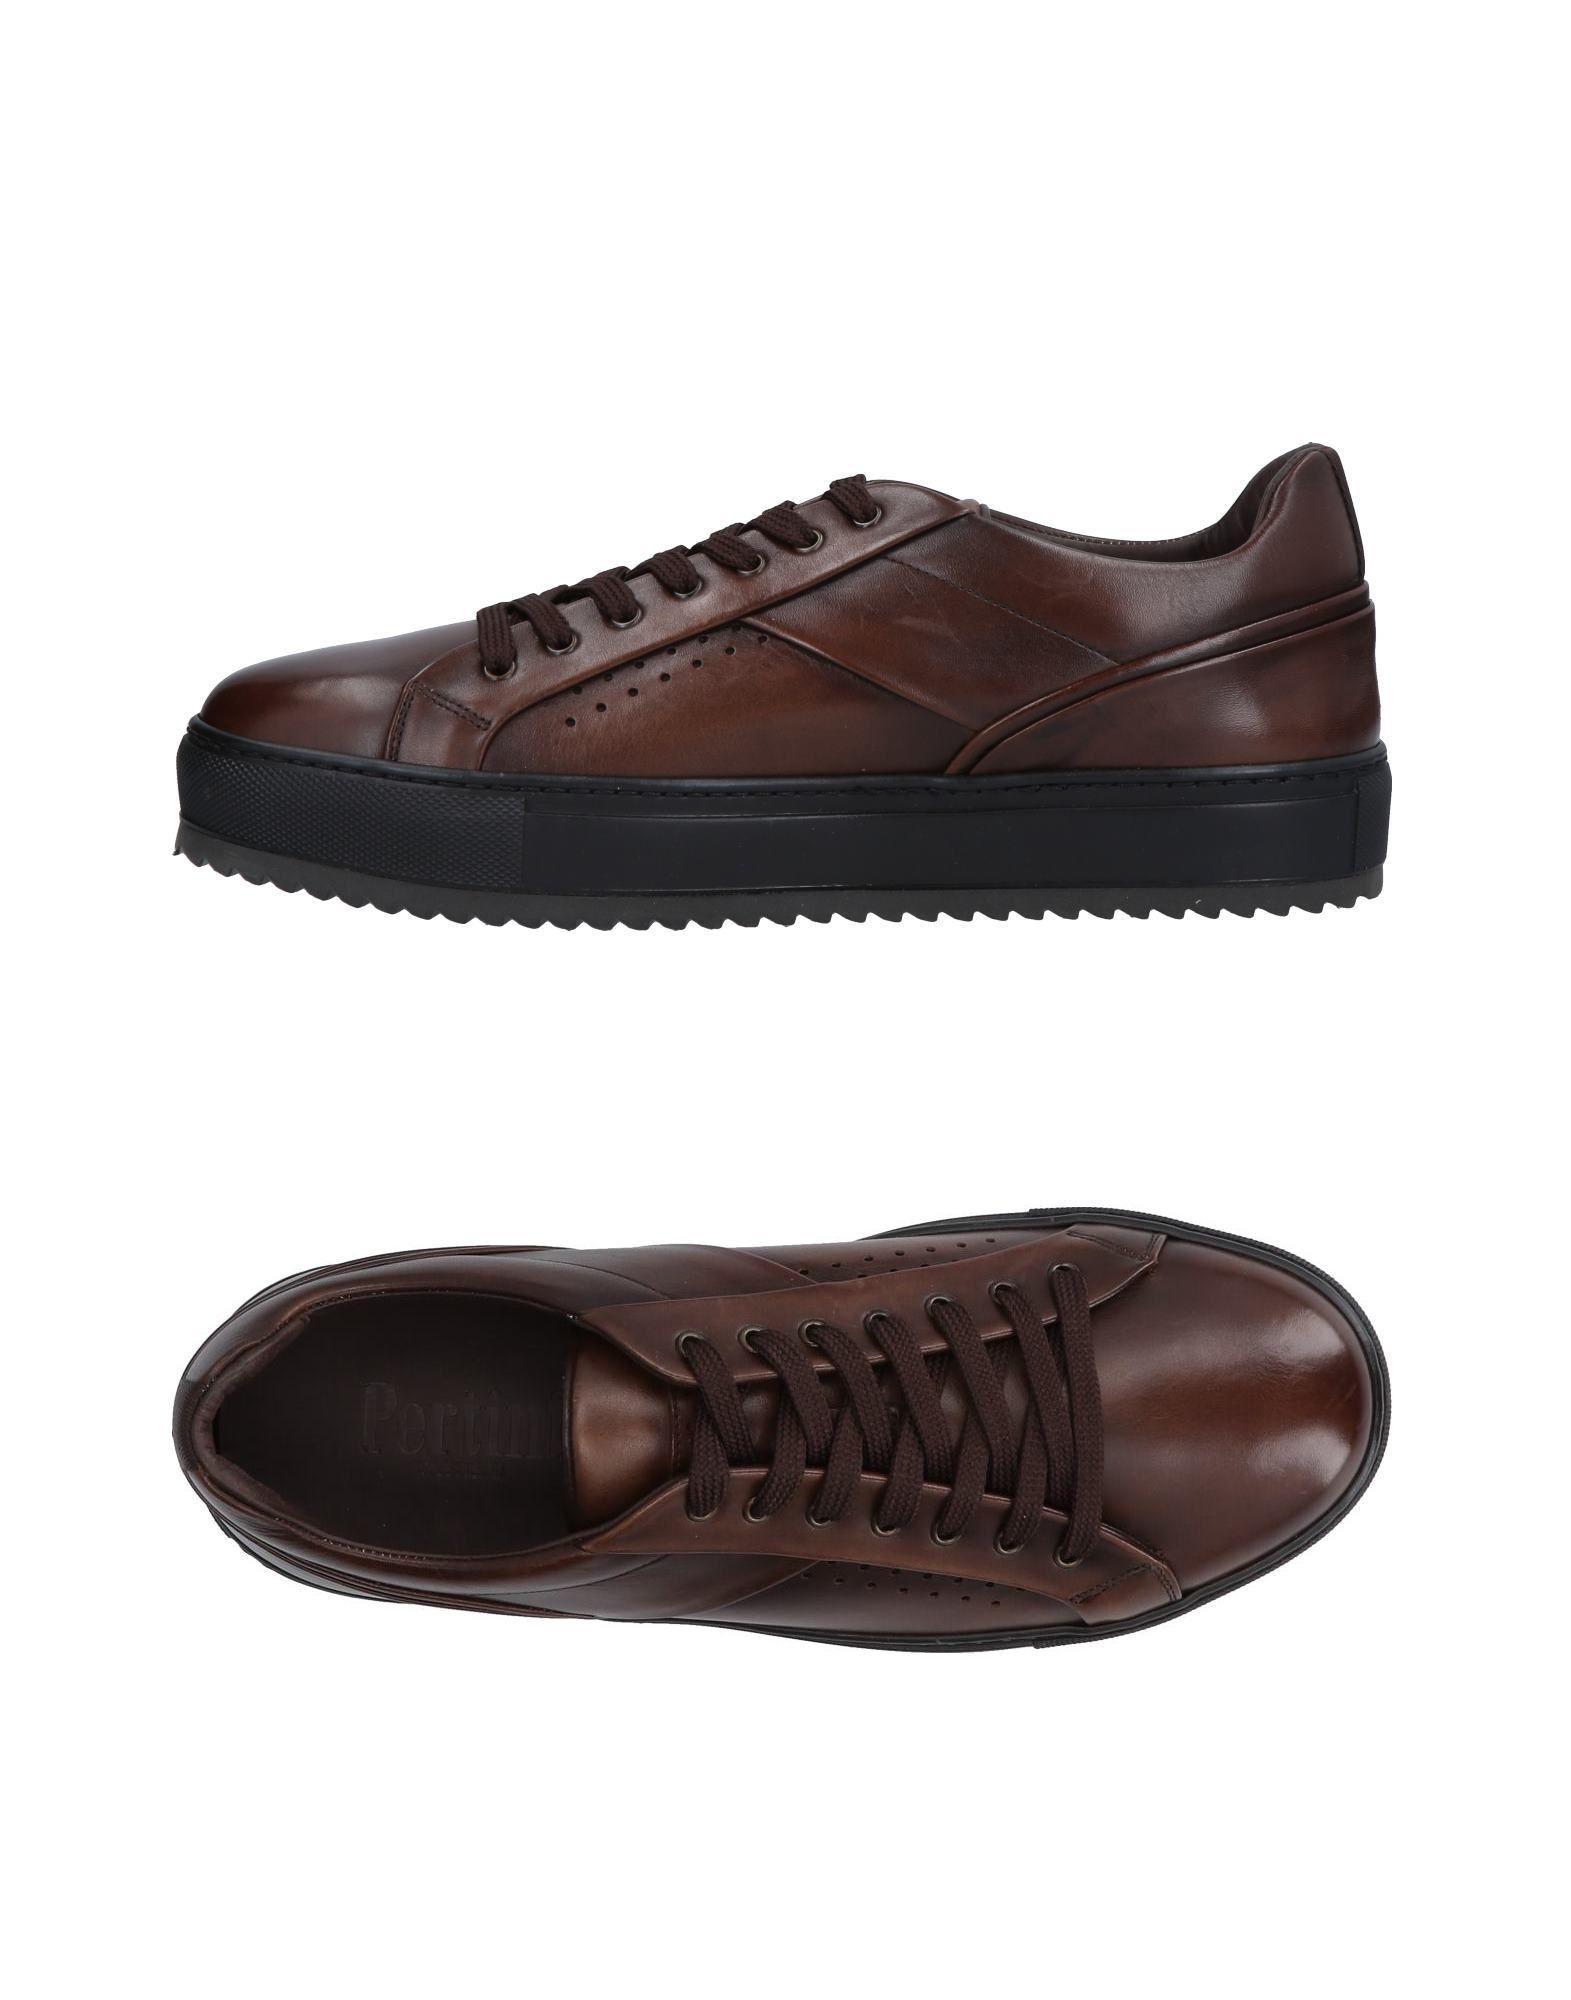 Chaussures - Bas-tops Et Chaussures De Sport De Marque De Bonheur KpTu8